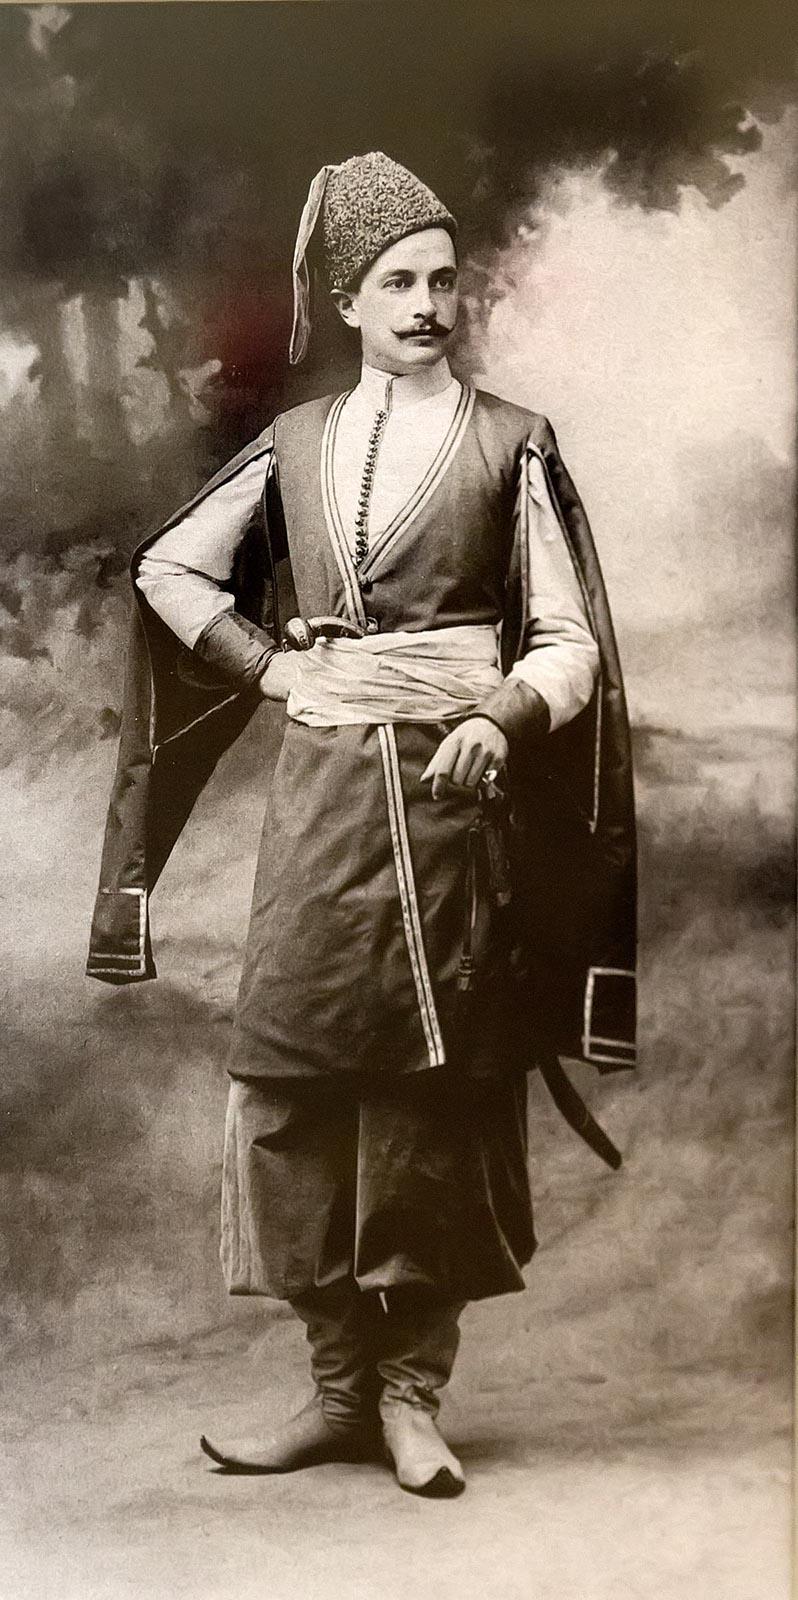 Фото №206032. А. Ренц и Ф. Шрадер Лейб-Гвардии Конно-Гренадерского полка Штаб-Ротмистр Николаев в костюме есаула Сумского слободского казачьег